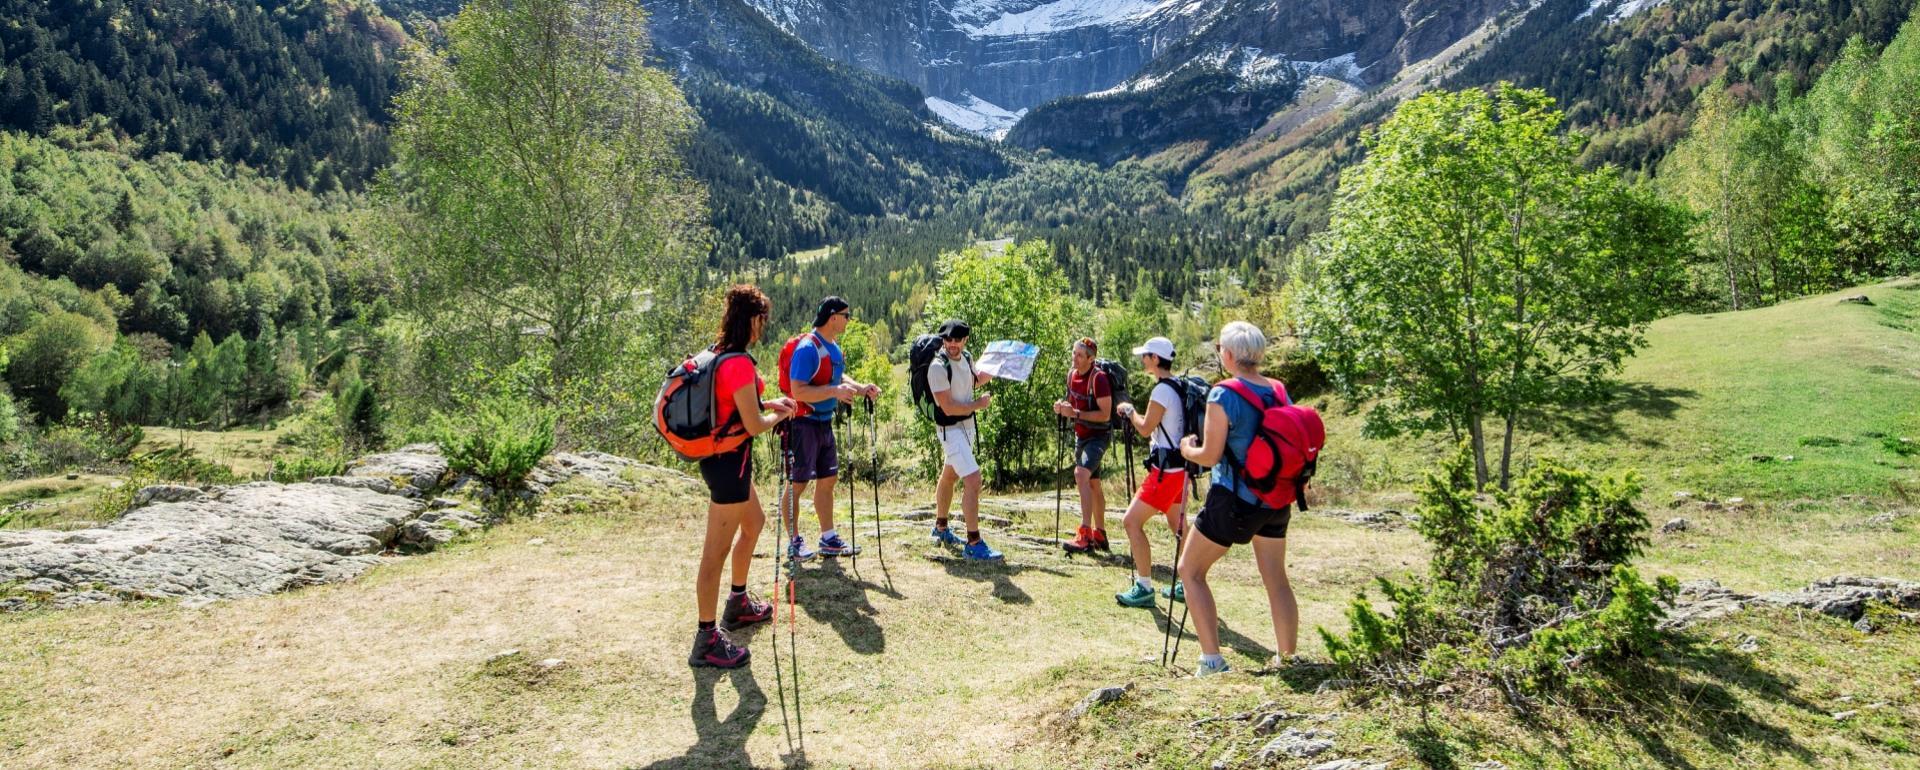 Montagne groupe randonneurs Hautes-pyrénées